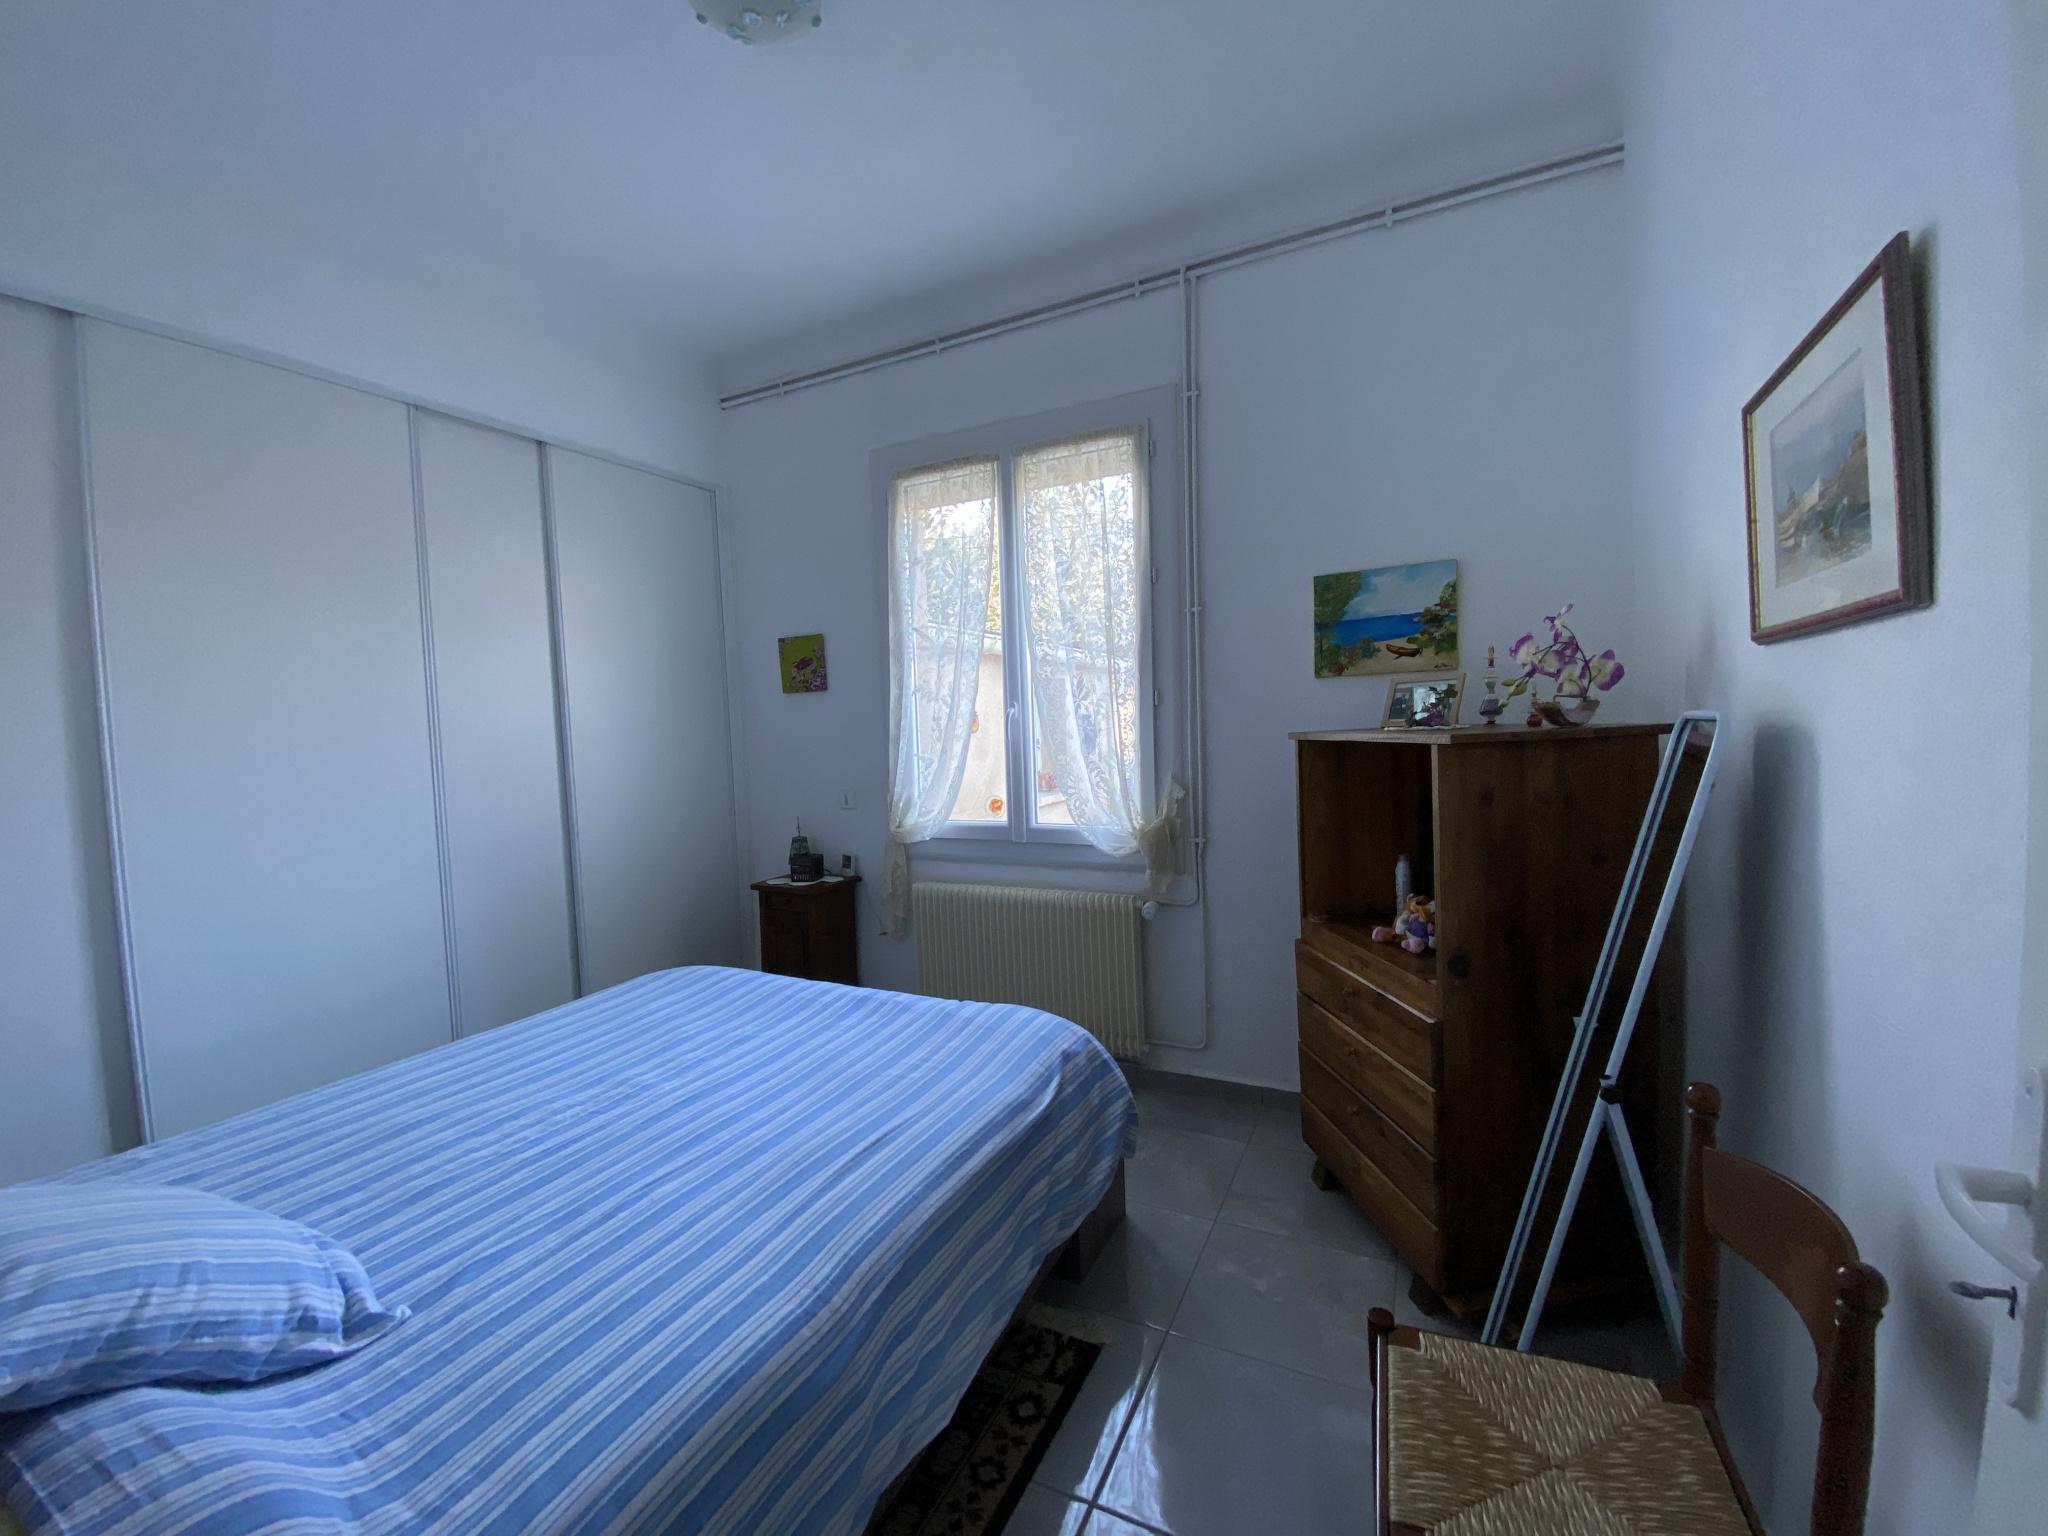 À vendre appartement de 104.21m2 à argeles sur mer (66700) - Photo 7'